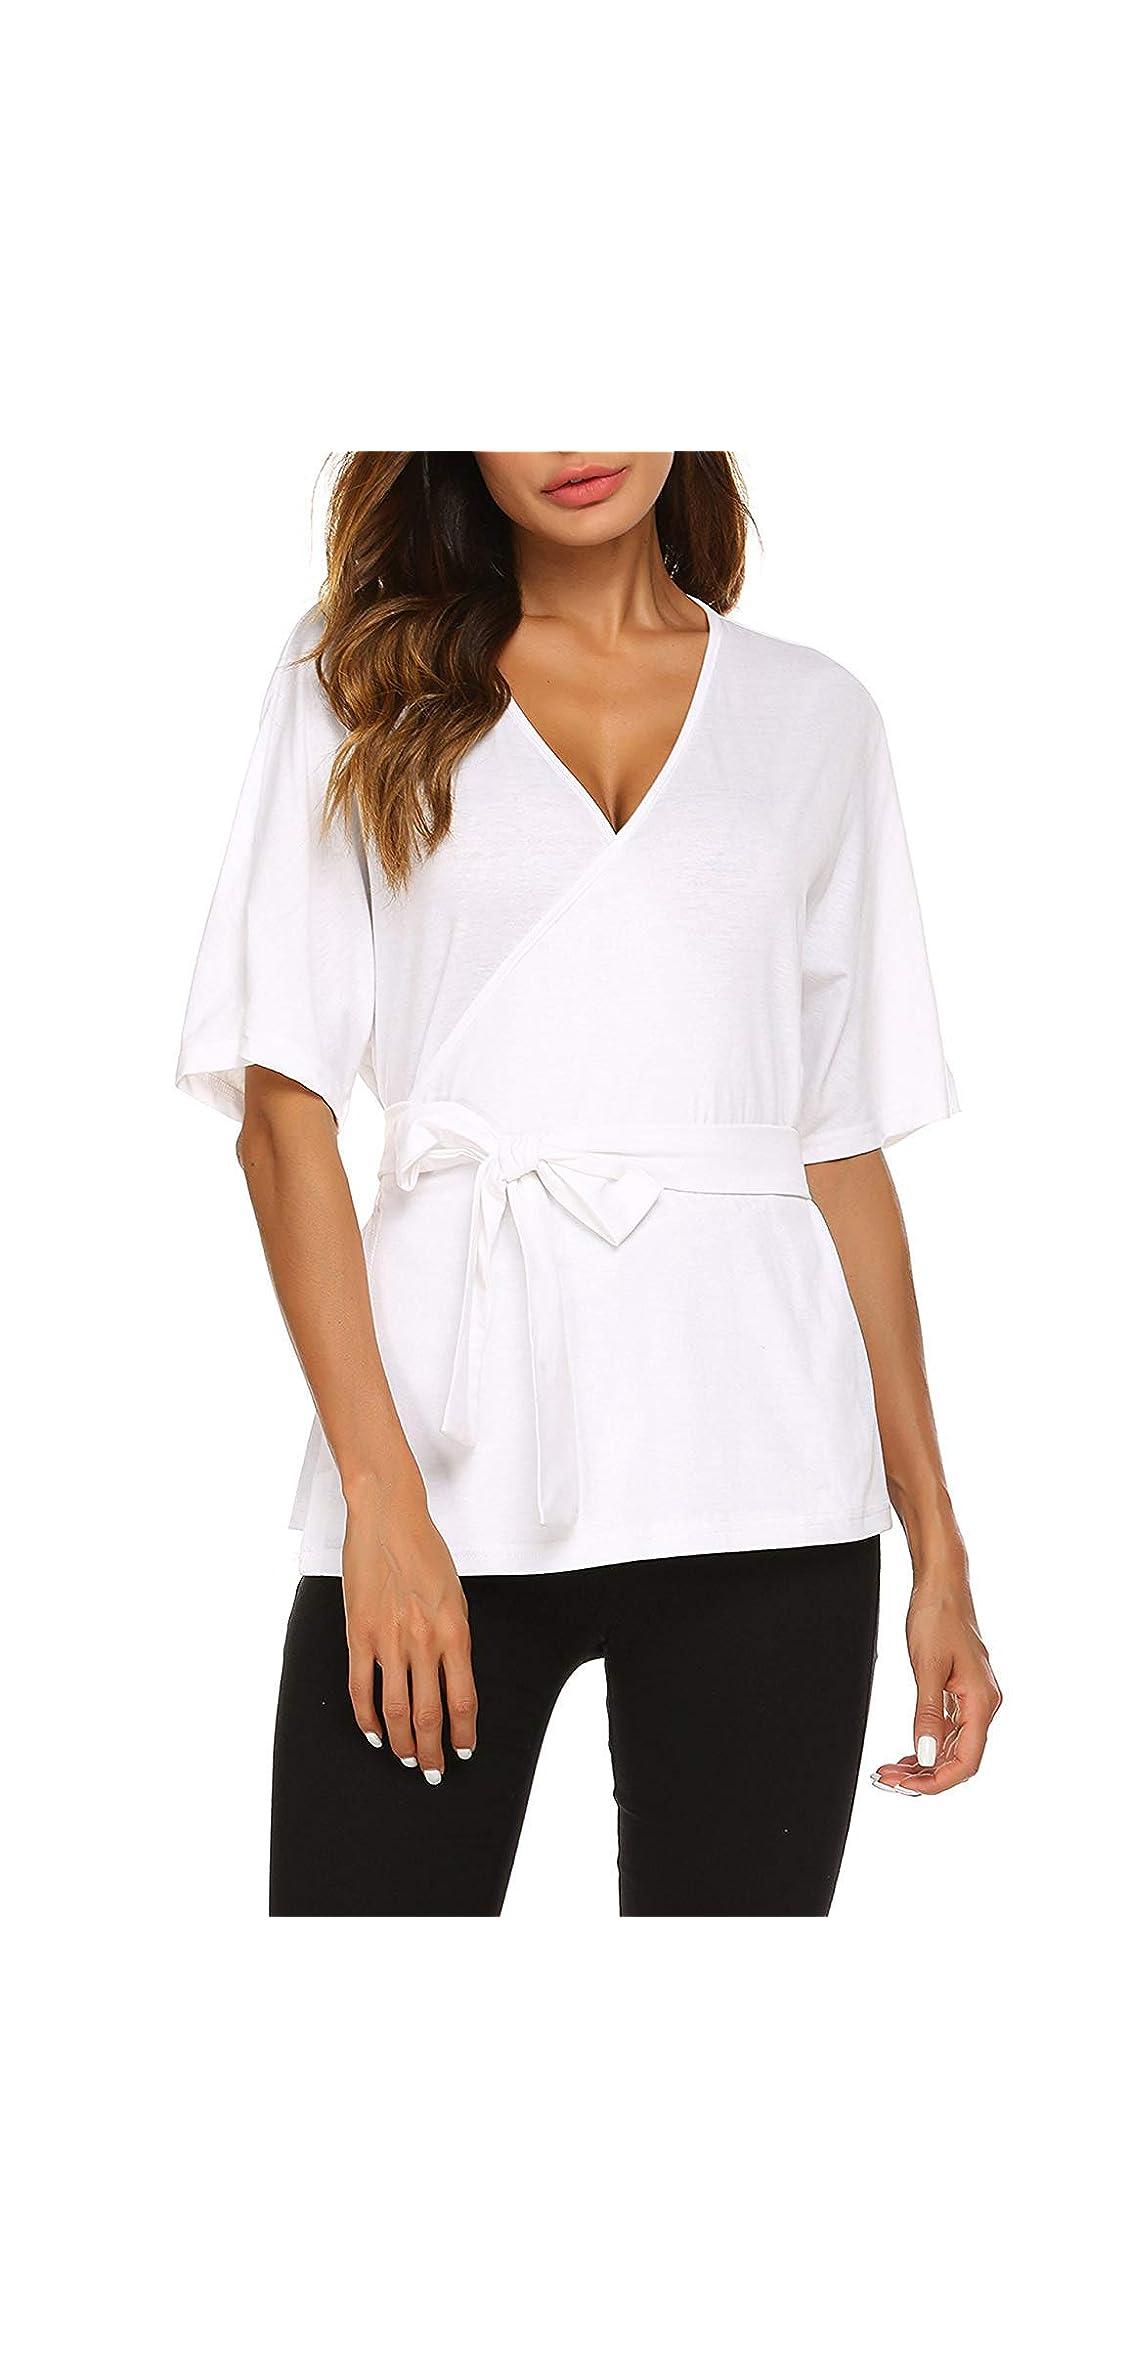 Dressy Blouses For Women Tie Front Short Sleeve V Neck